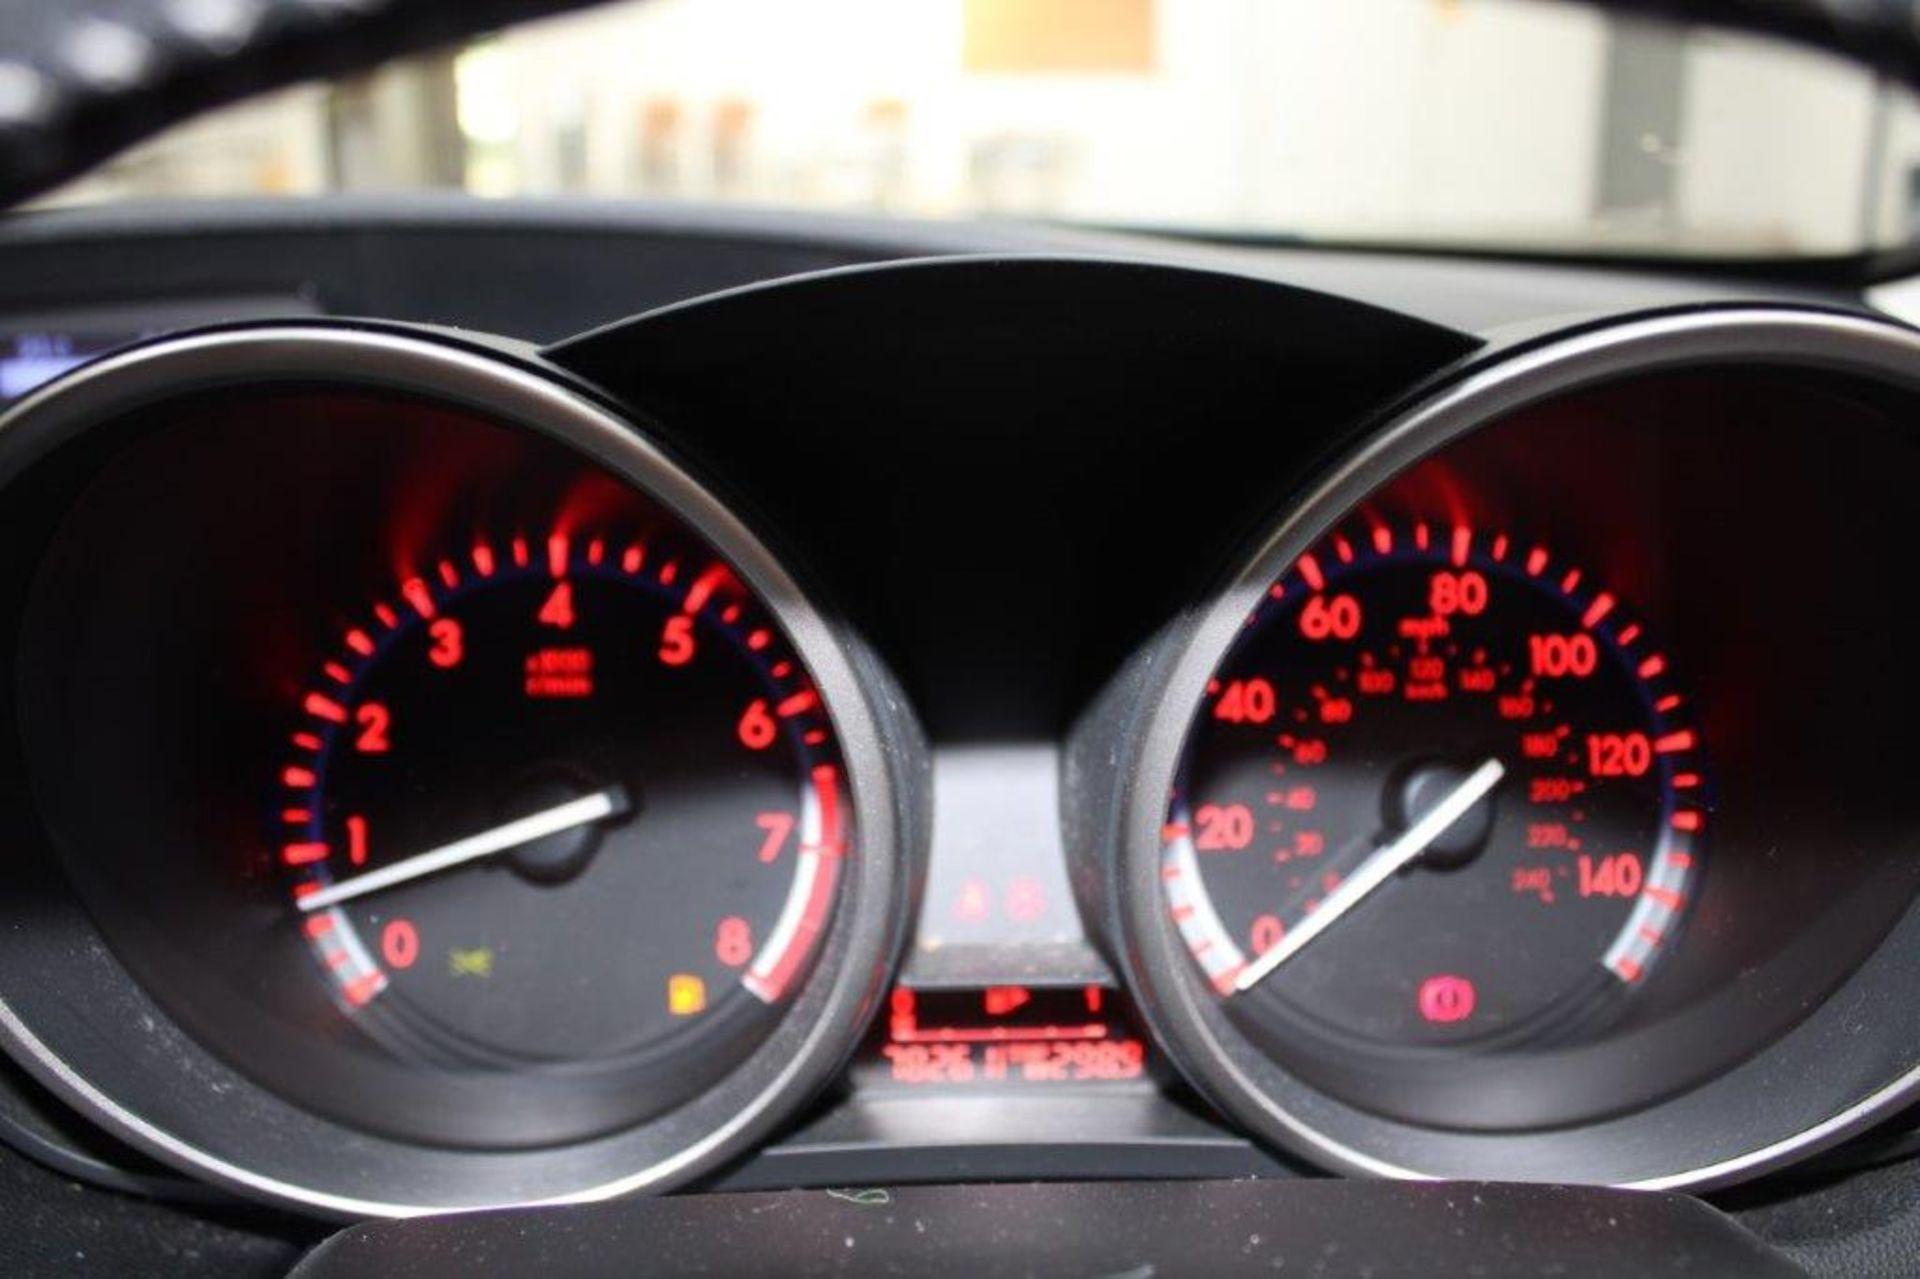 60 11 Mazda 3 Sport - Image 4 of 26